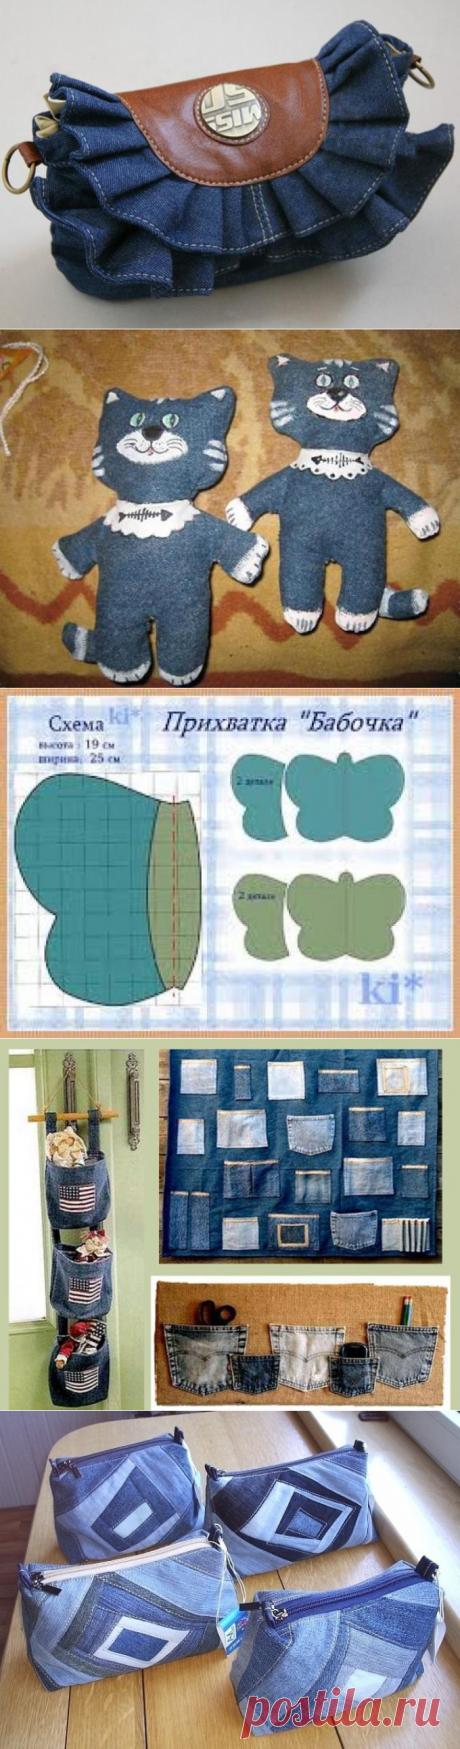 Поделки и украшения из старых джинсов своими руками: мастер класс, инструкция